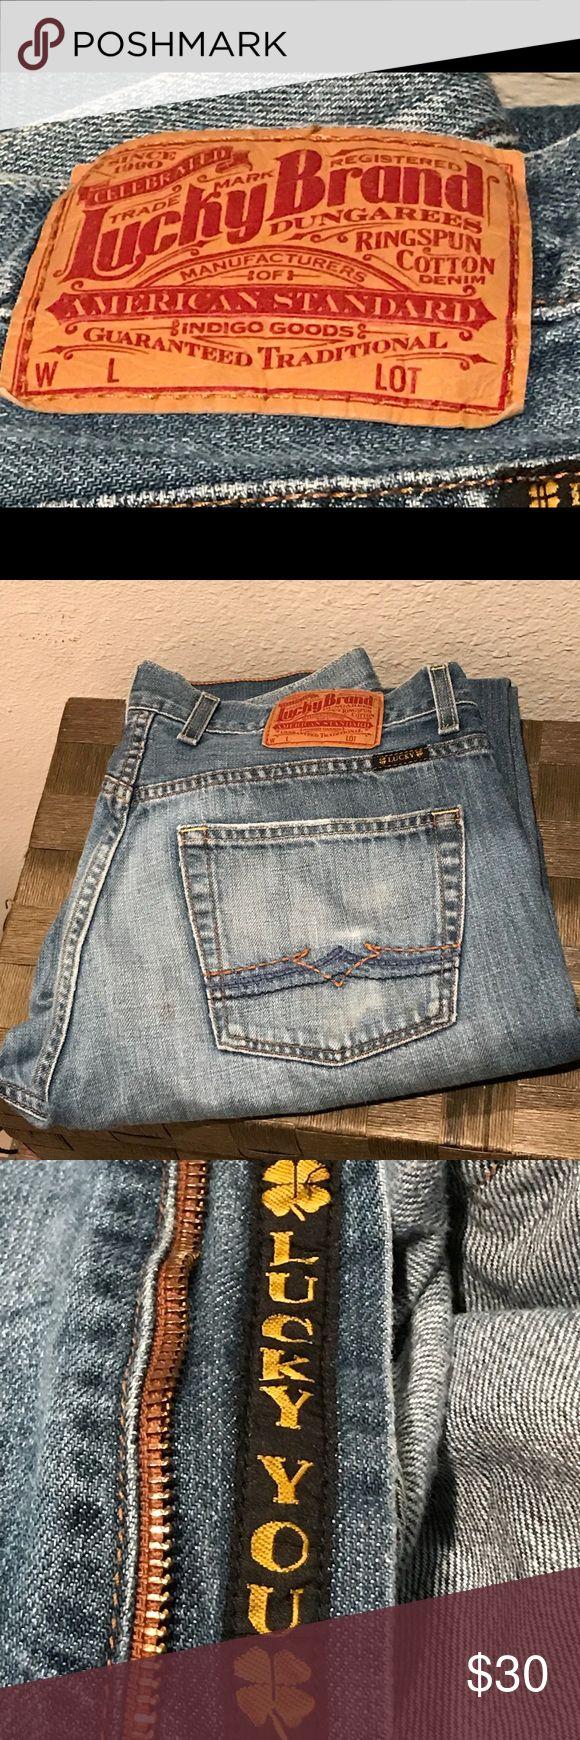 Lucky Brand Men's Bootleg Jeans 34 Reg Inseam Lucky Brand Men's Bootleg Jeans 34 Reg Inseam Lucky Brand Jeans Bootcut